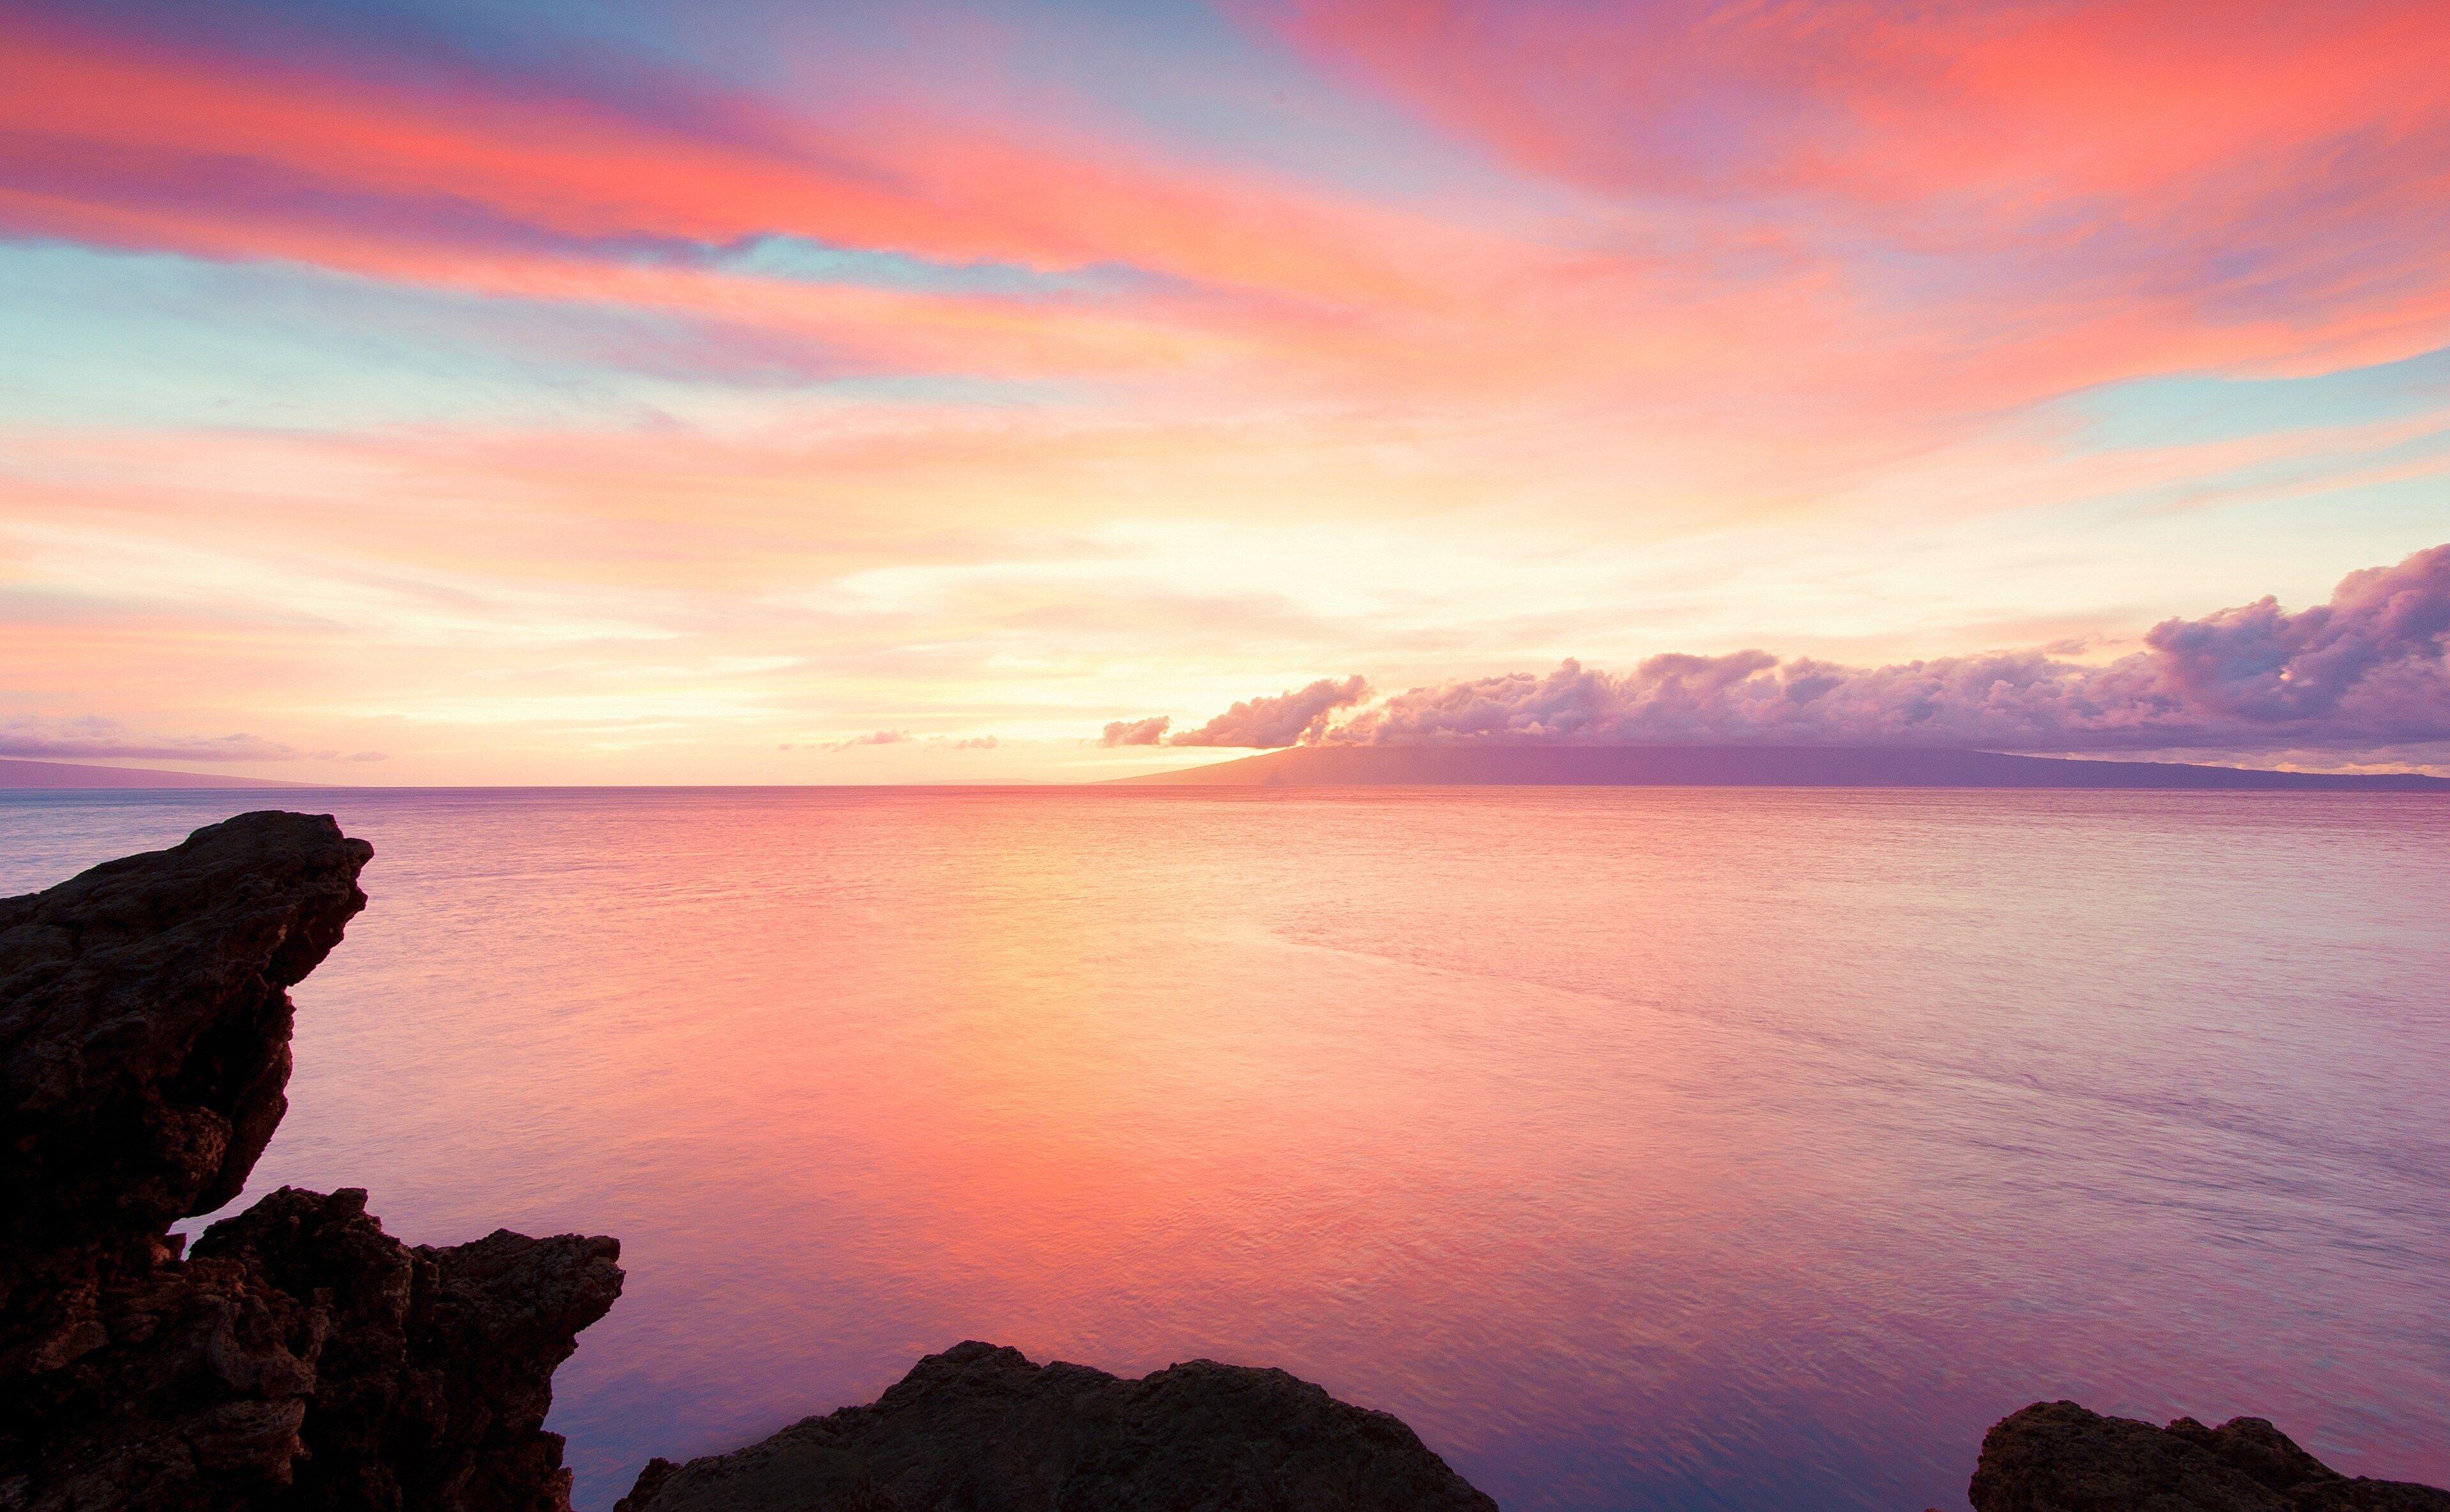 3840x2370 Sea 4k Free Full Hd Wallpaper Sunset Wallpaper Full Hd Wallpaper Widescreen Wallpaper